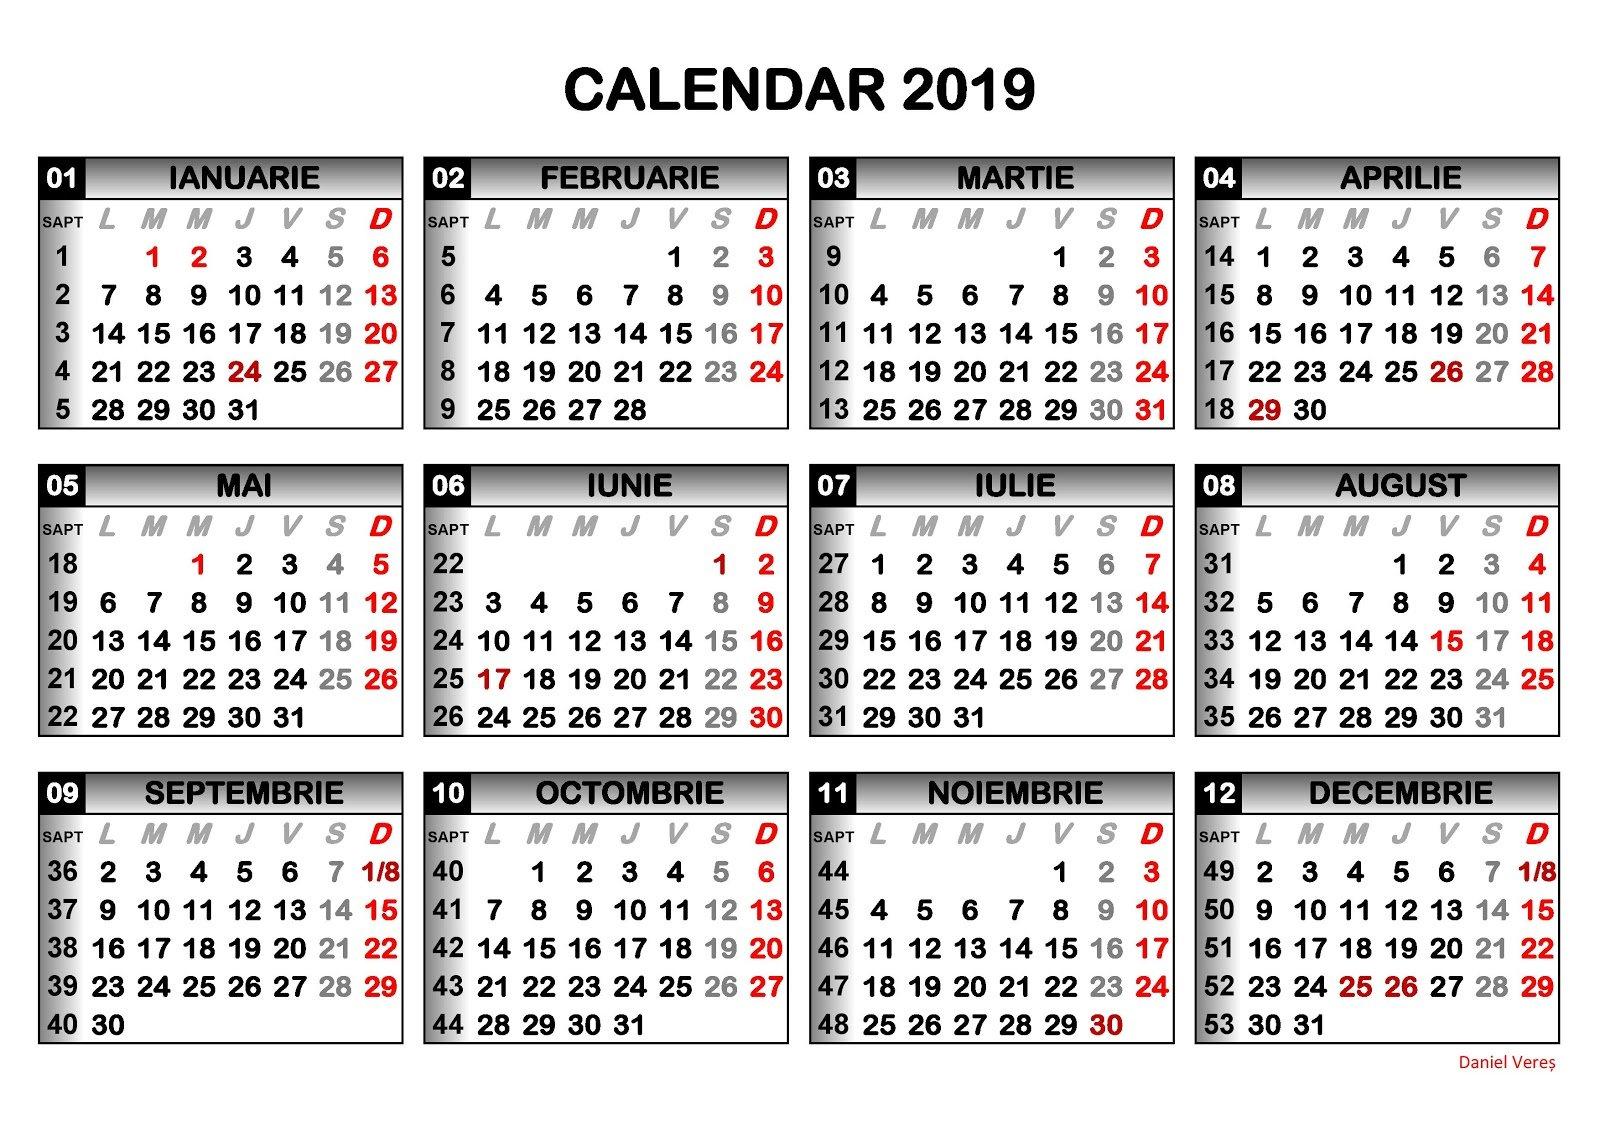 Ziar Piatra Neamt Câte Zile Libere Ne Așteaptă În 2019 – Ziar Piatra Calendar 2019 Zile Libere